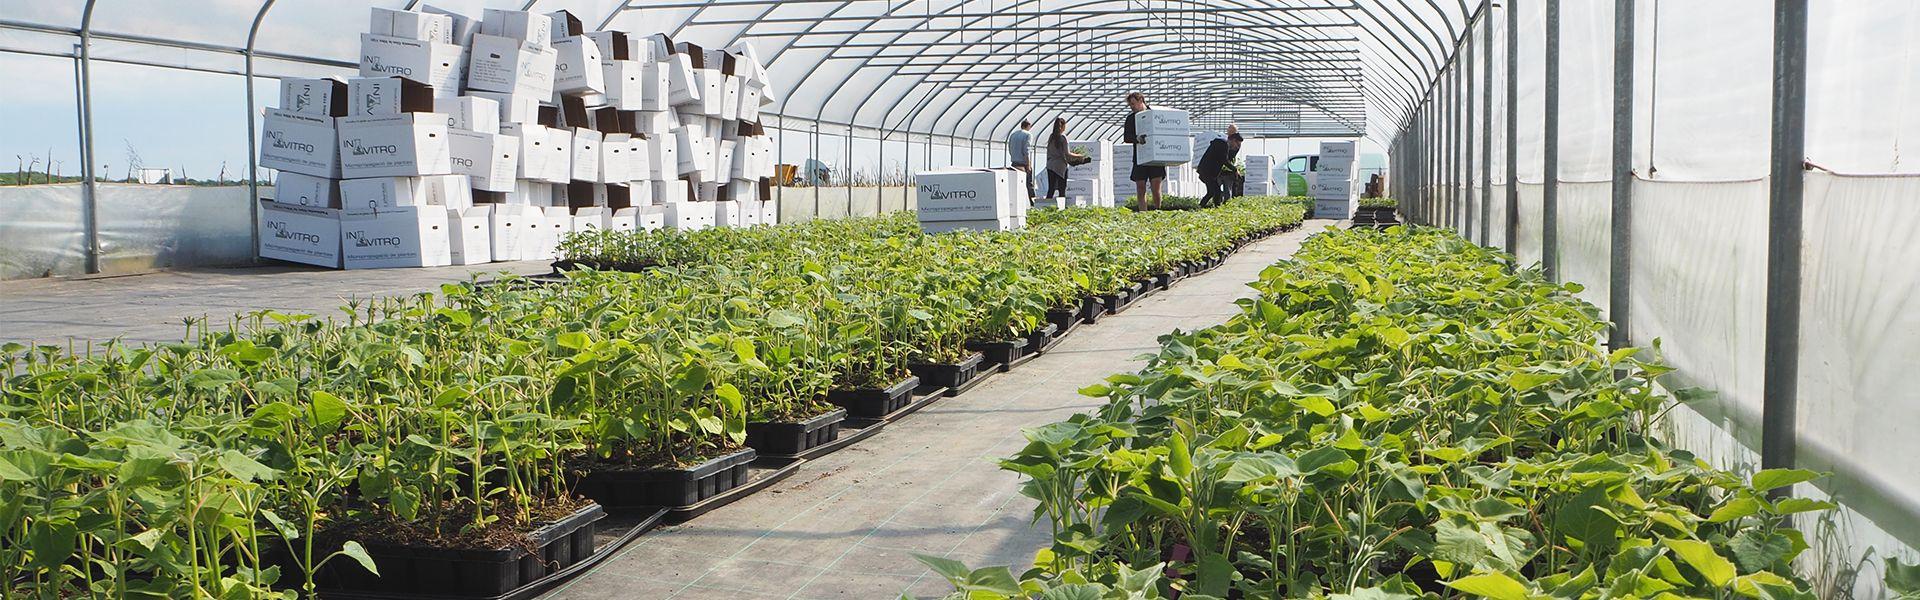 oxytree-plantacja-sadzonek-drzew-szybko-rosnacych